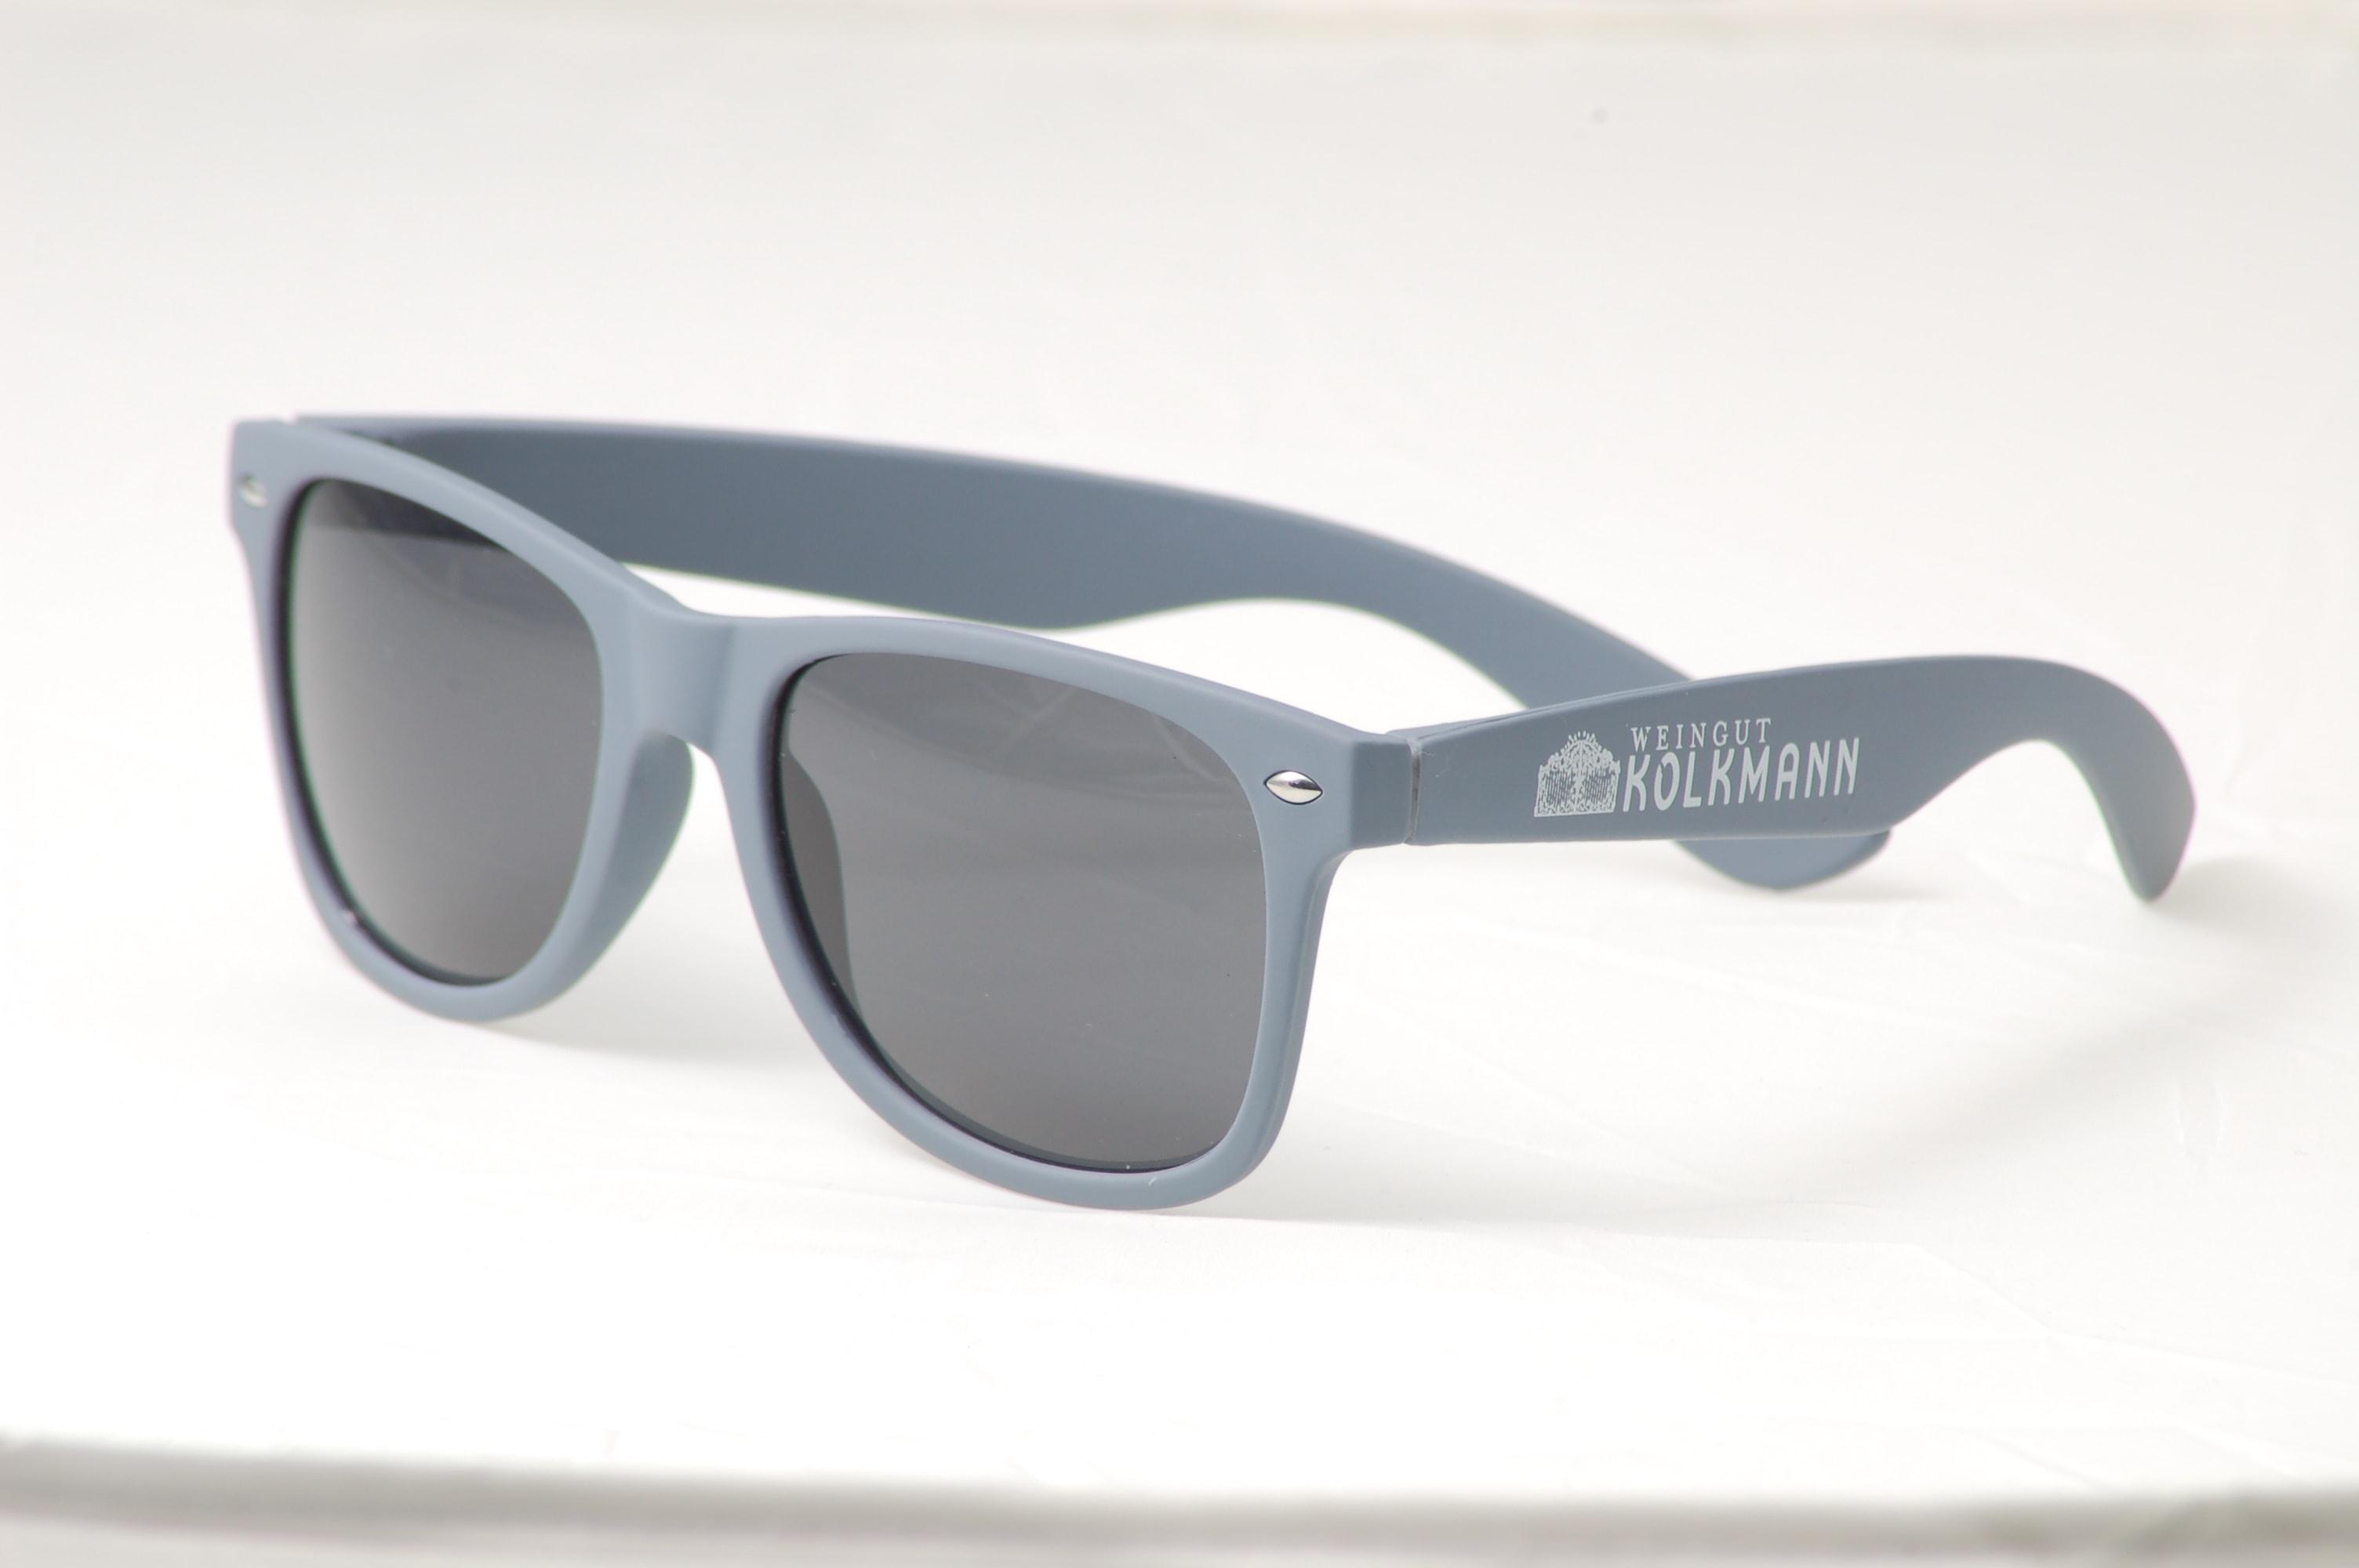 Sonnenbrillen Selbst Gestalten Cinemas 93